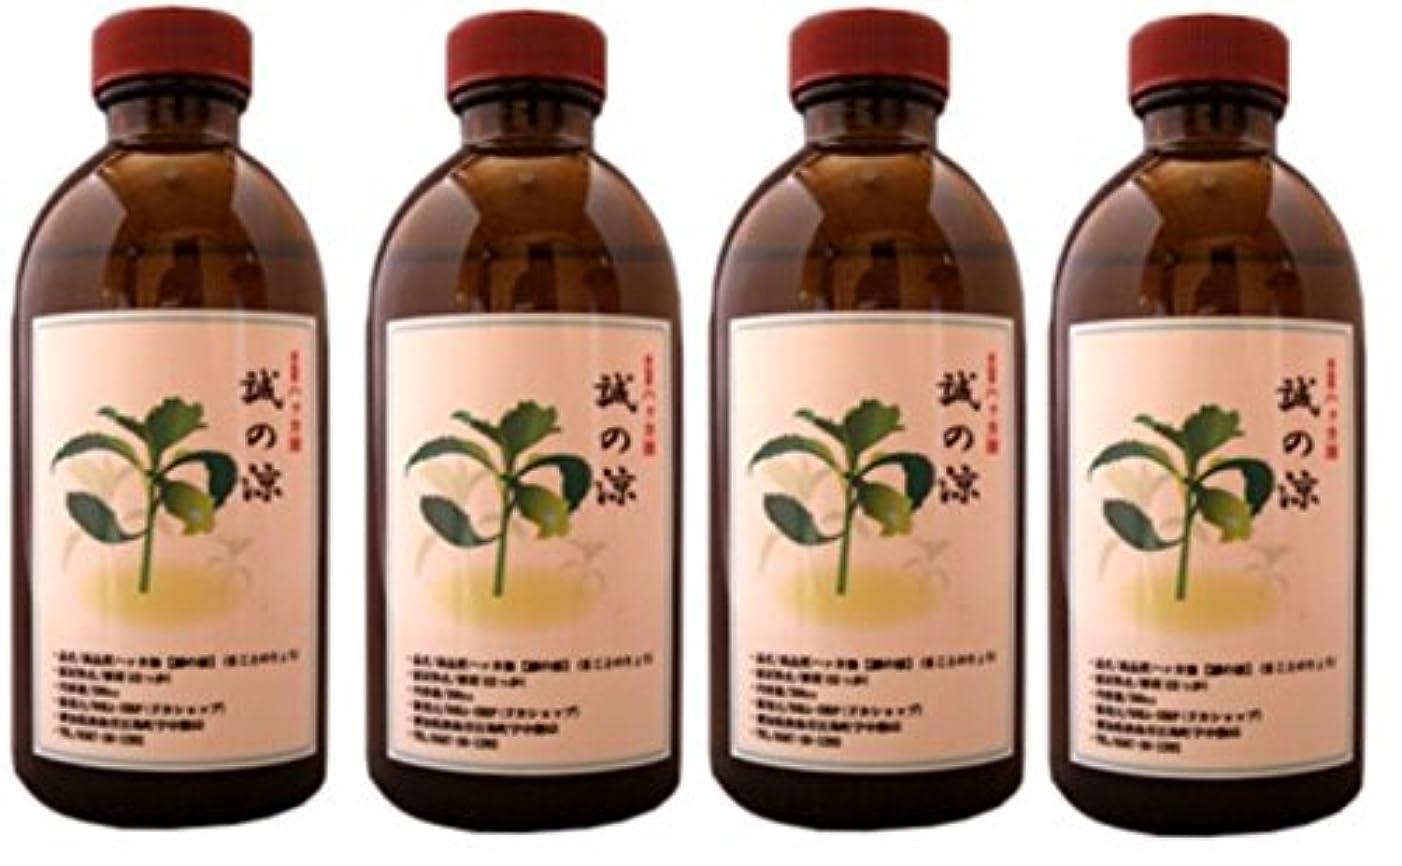 最初は主にましいDOKA-SHOP 高品質ハッカ精油100%【誠の涼(まことのりょう)】日本国内加工精製 200cc×4本セット